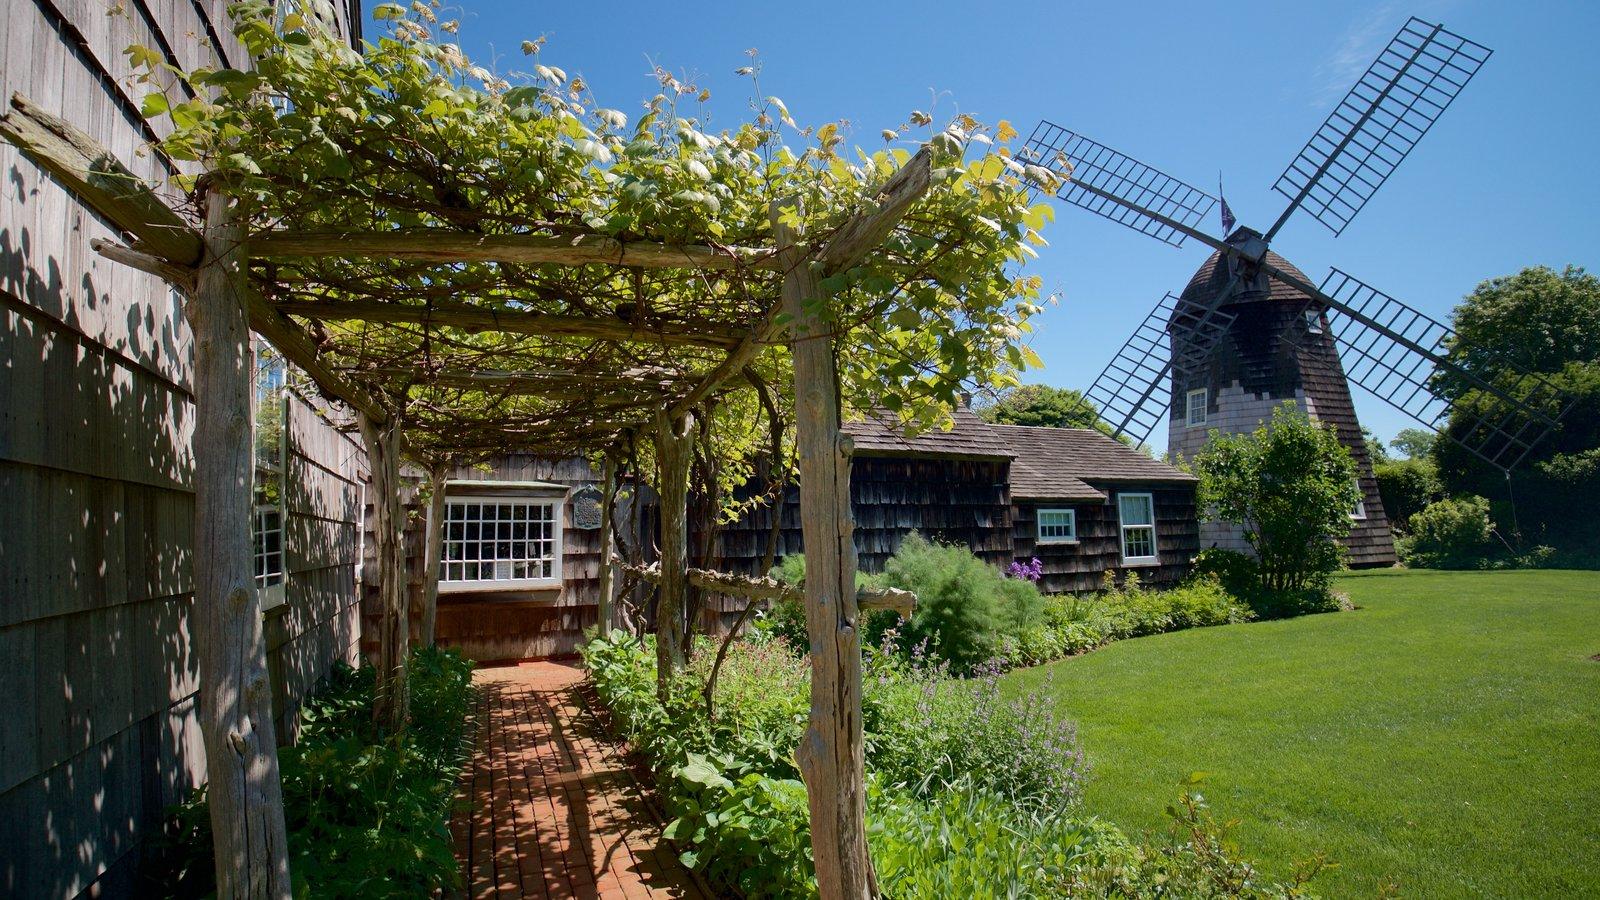 Museo Home Sweet Home ofreciendo un molino de viento y elementos del patrimonio